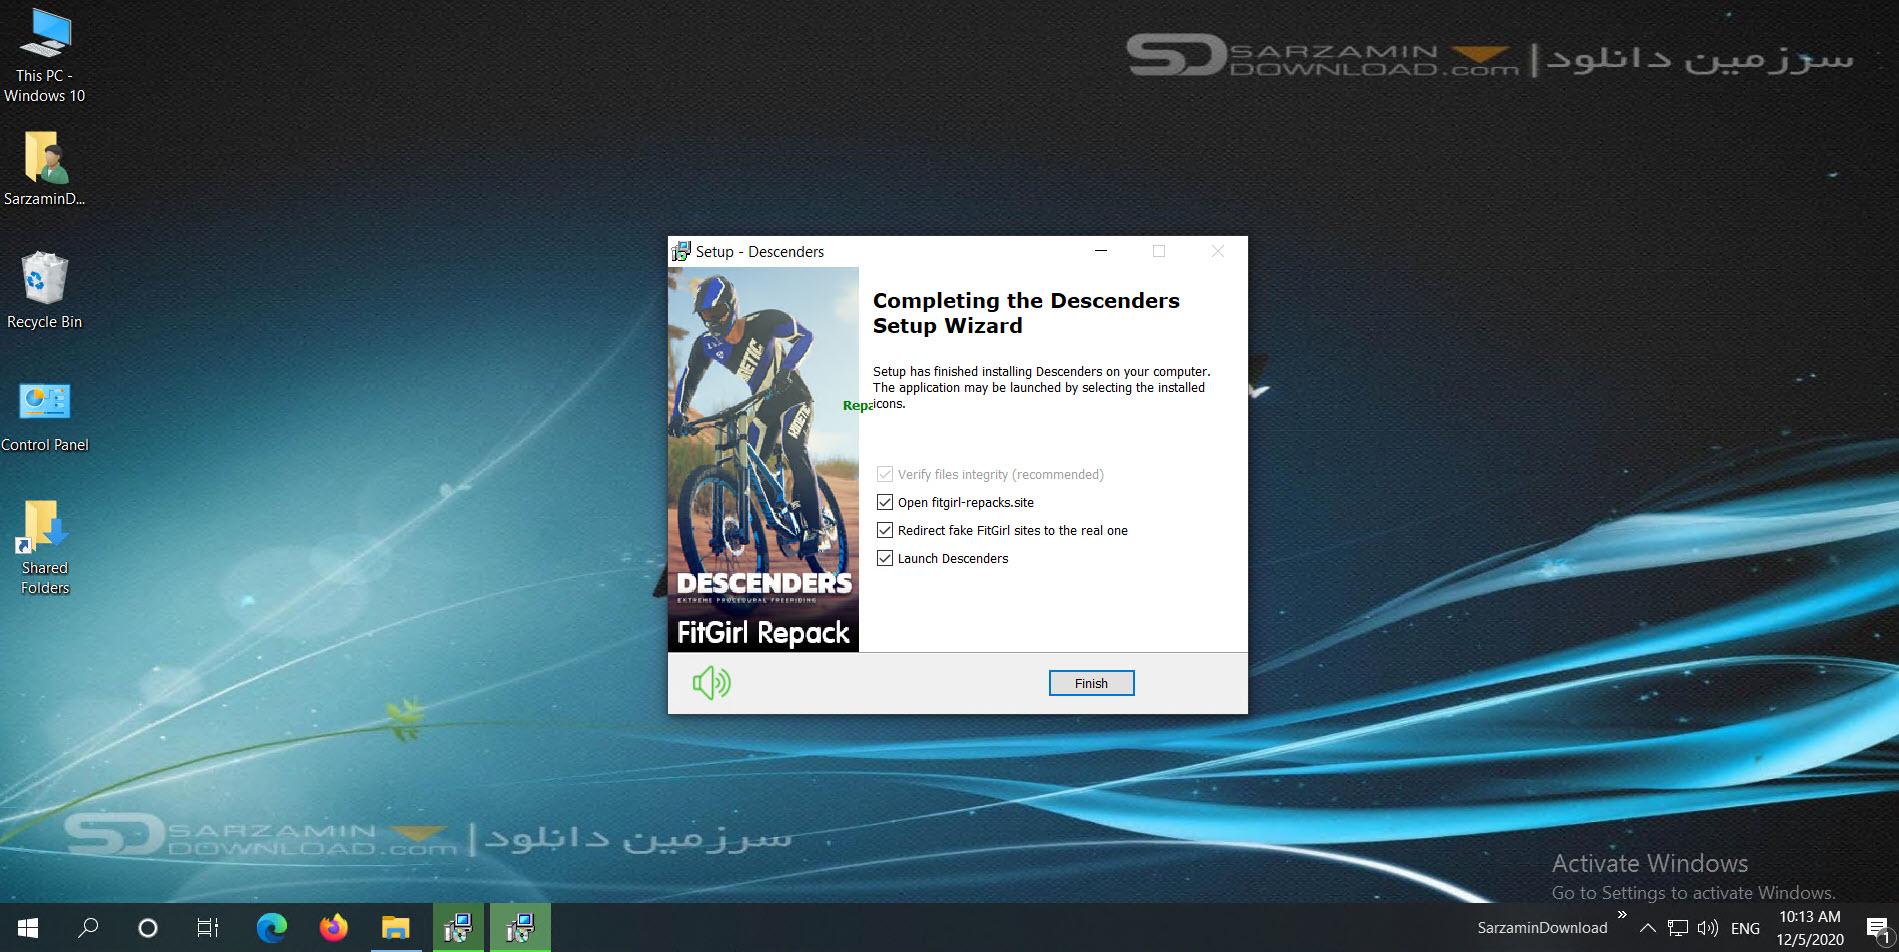 بازی فرزندان (برای کامپیوتر) - Descenders PC Game